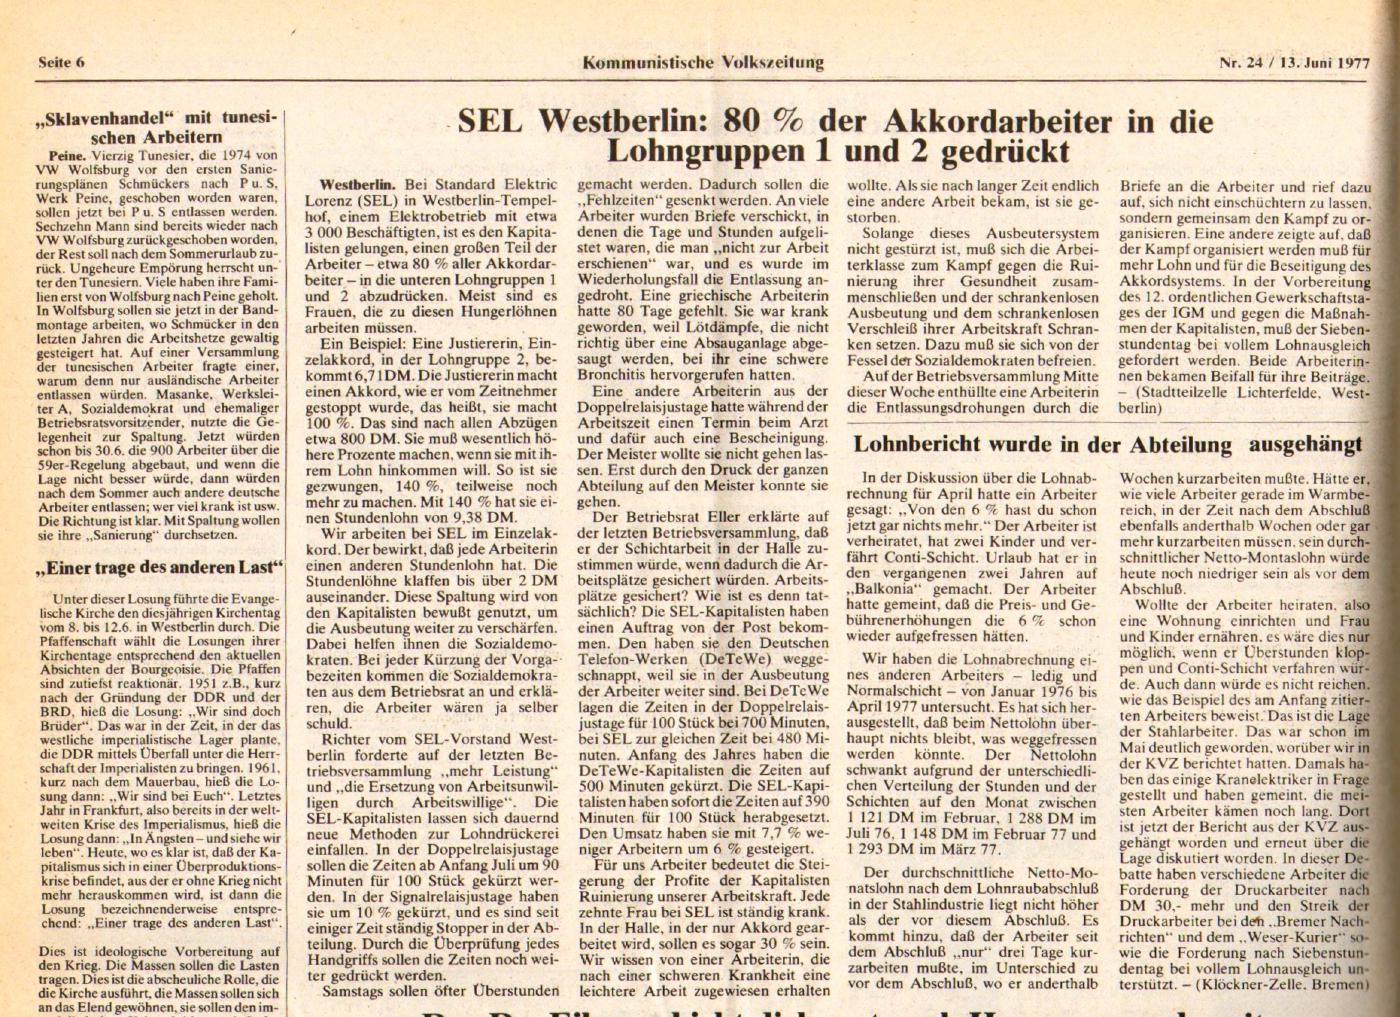 KVZ_Nord_1977_24_11